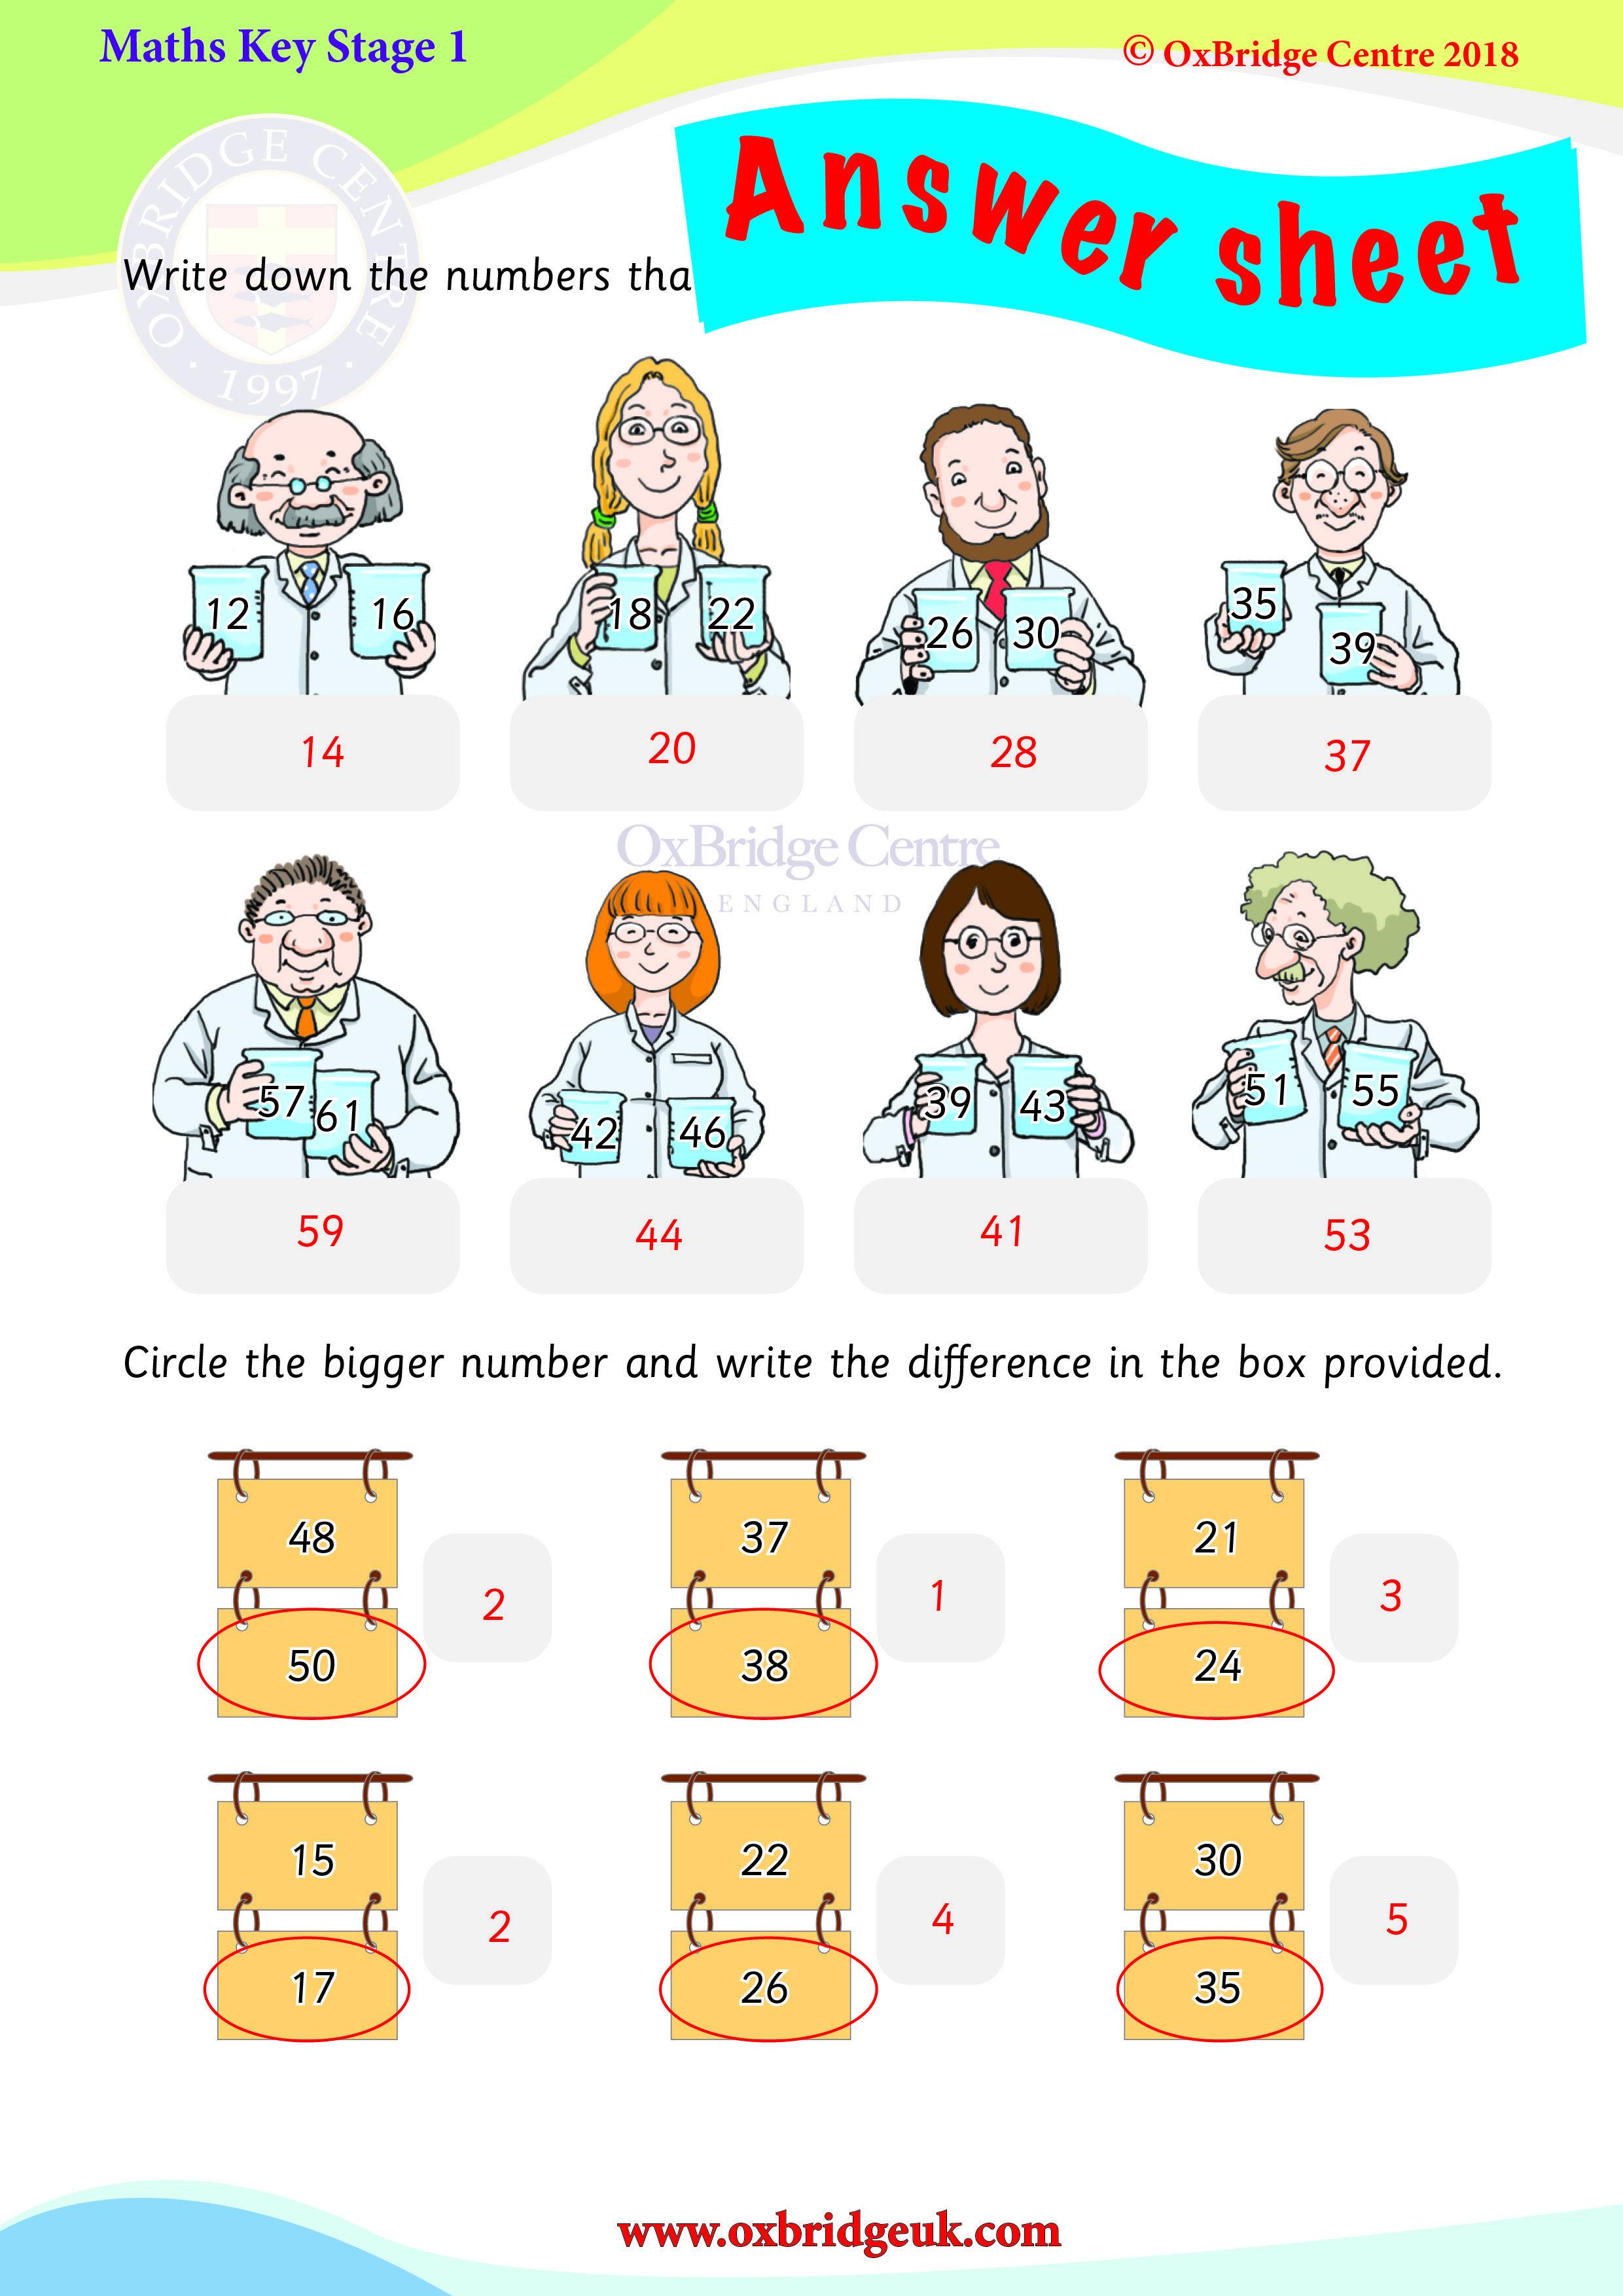 Number Sequences Ks1 Maths Math Ks1 [ 3508 x 2480 Pixel ]